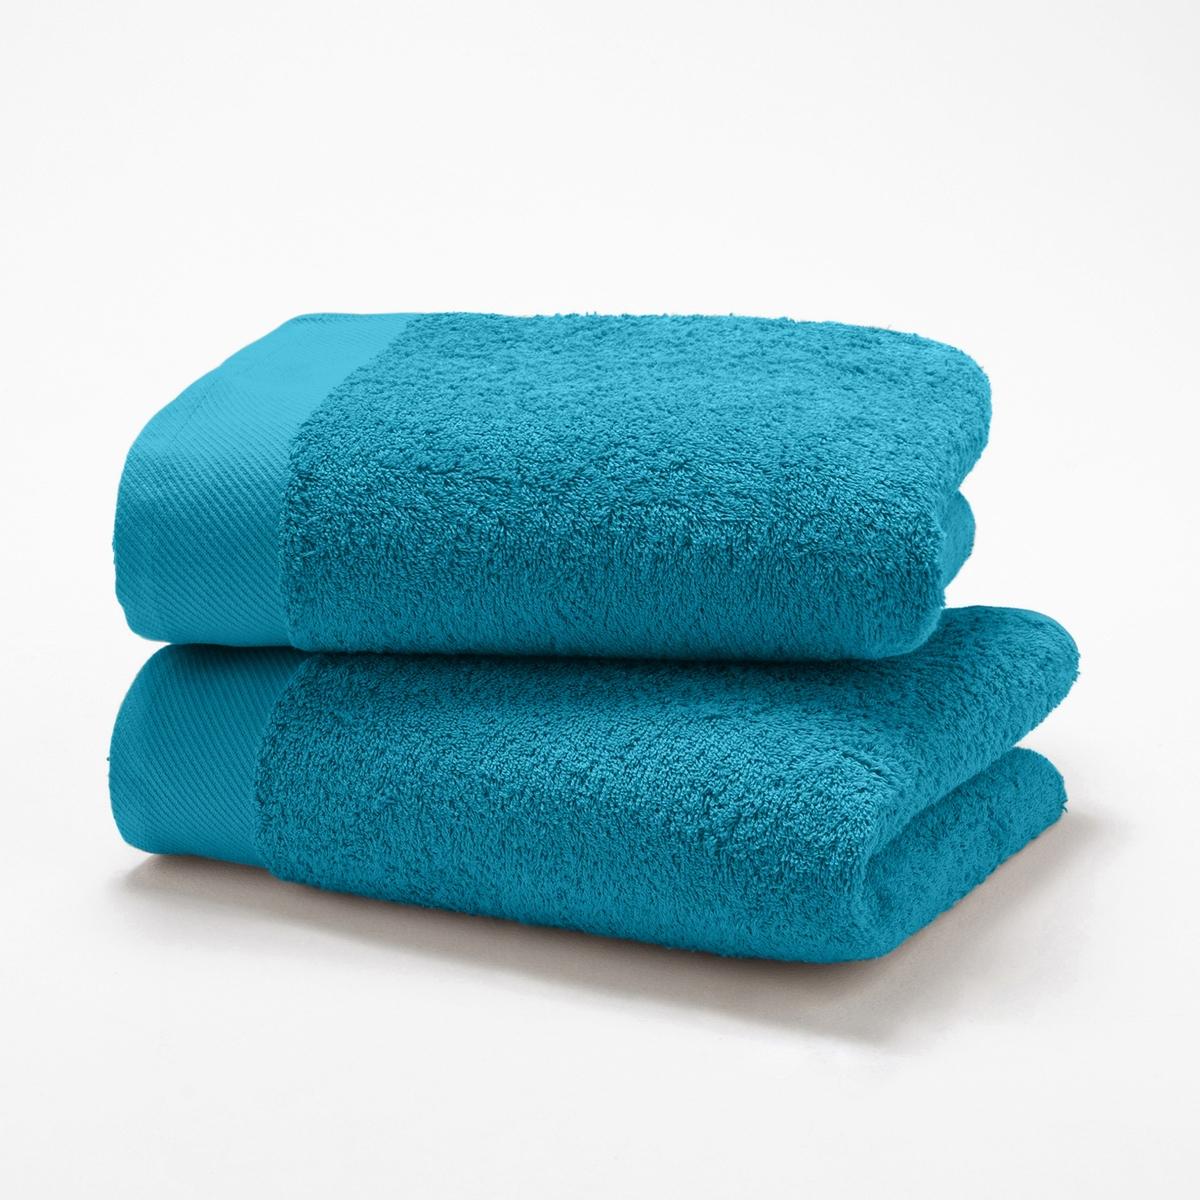 Комплект полотенец для рук La Redoute Гм SCENARIO 50 x 100 см синий комплект из полотенце для la redoute рук из хлопка и льна nipaly 50 x 100 см белый